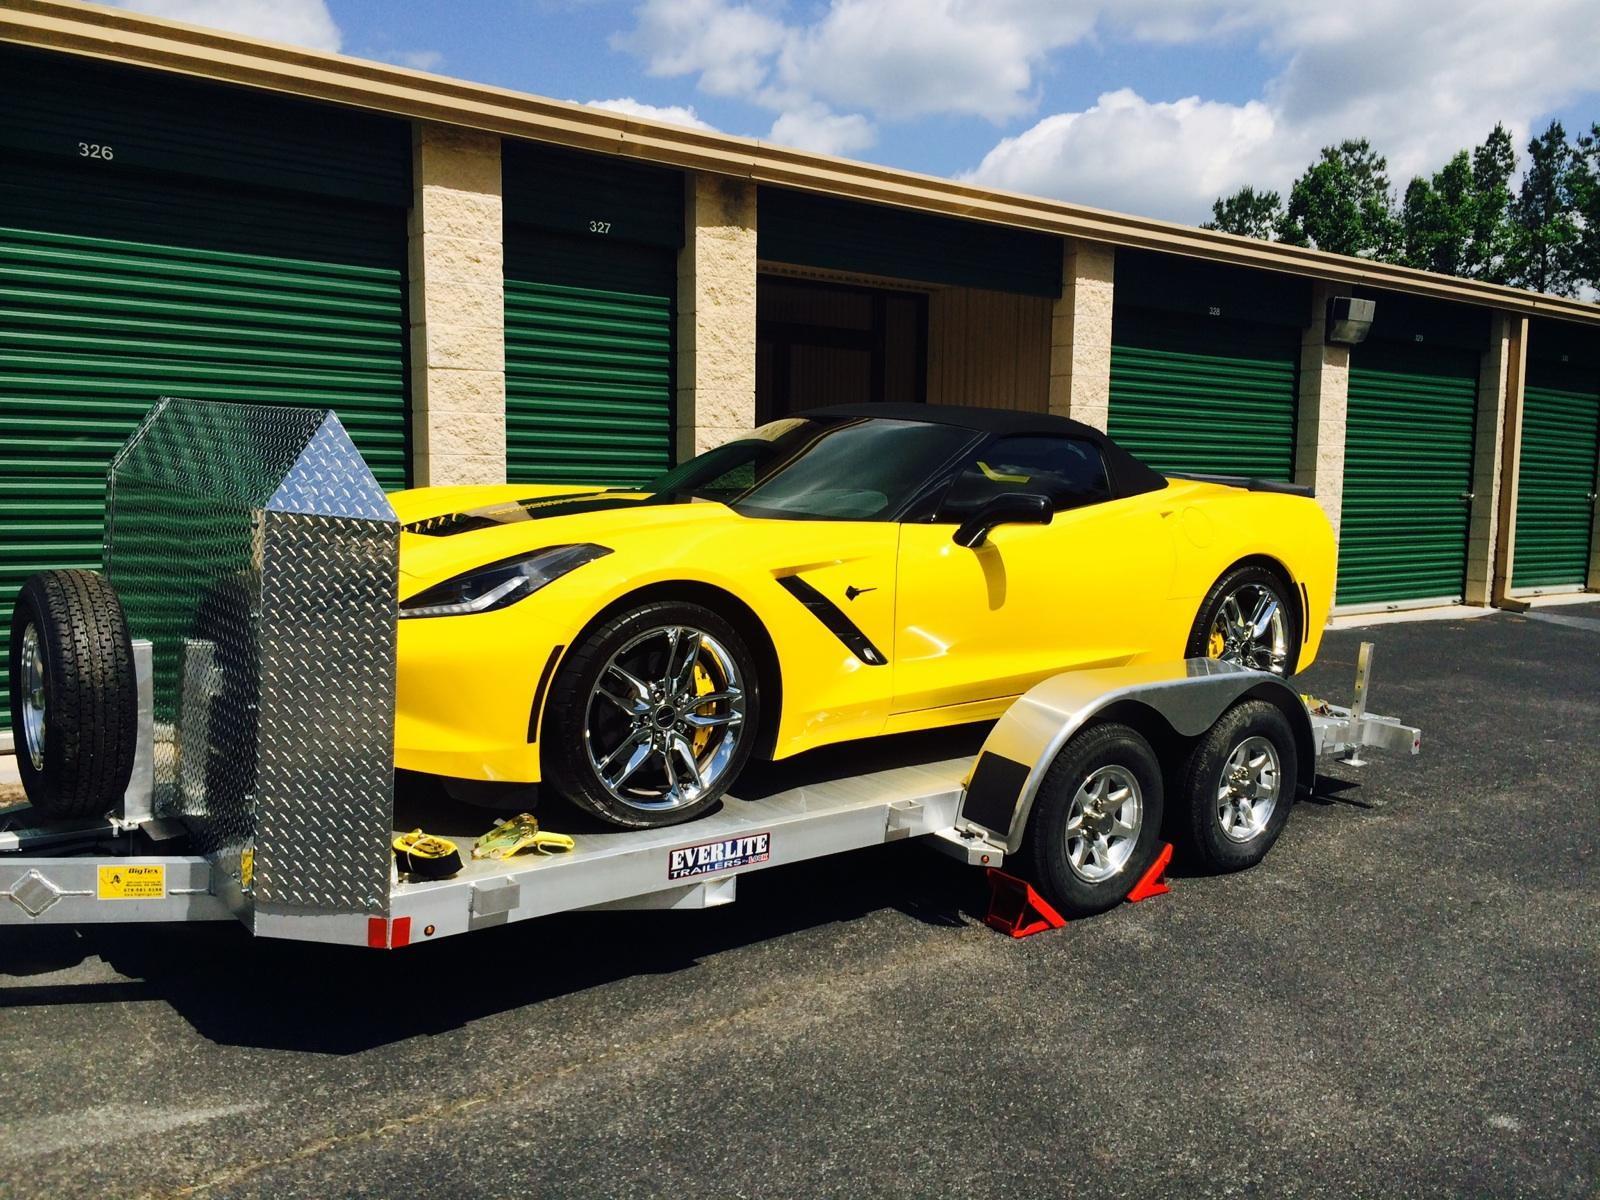 Everlite car hauler trailer for sale corvetteforum chevrolet corvette forum discussion